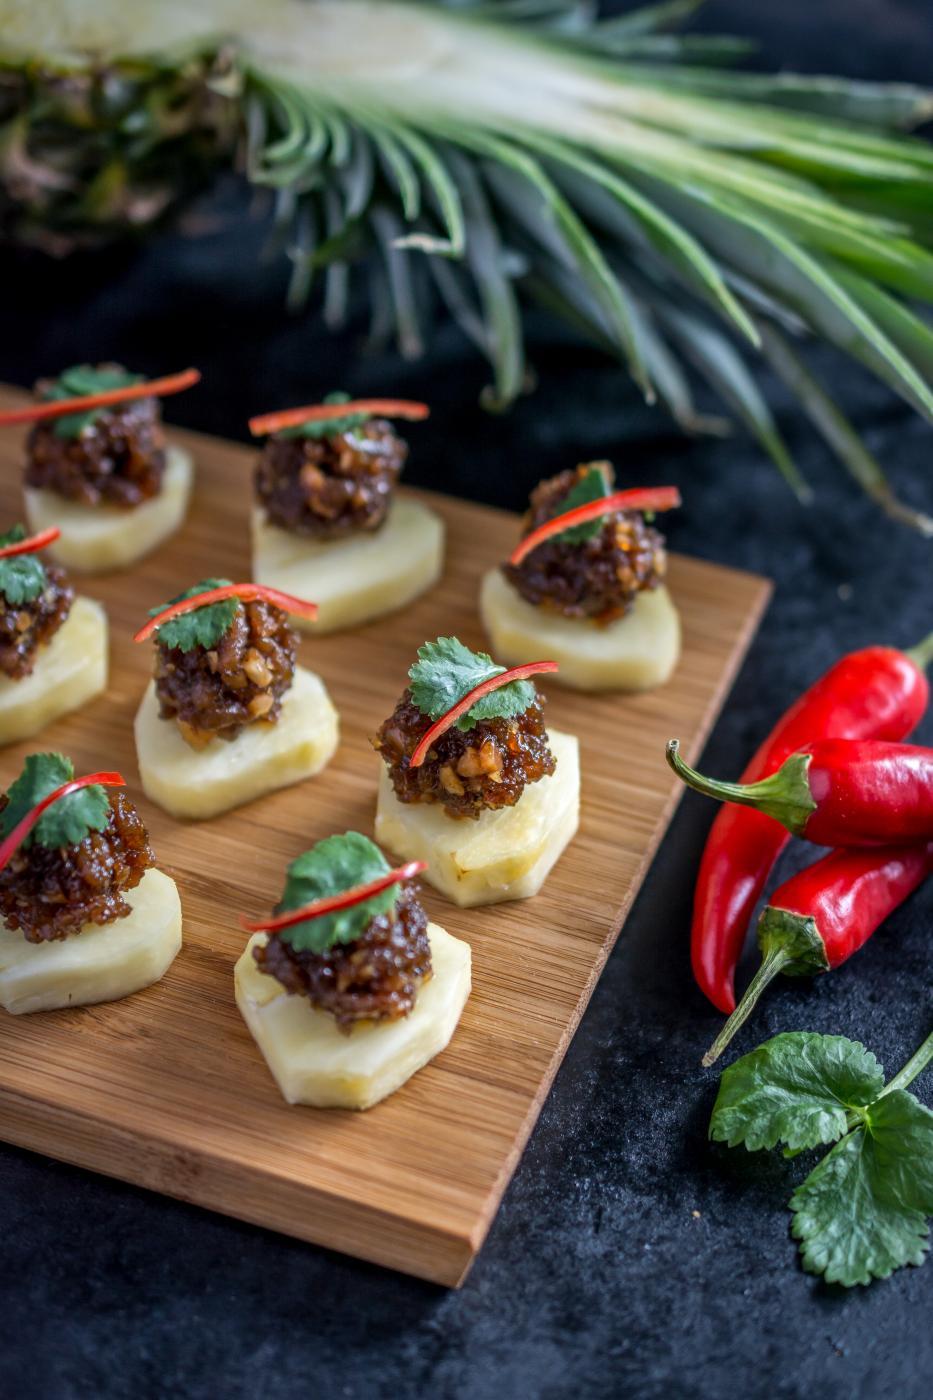 Thaimaan matkailun kokkikoulu ja Ma-Hor pyörykät